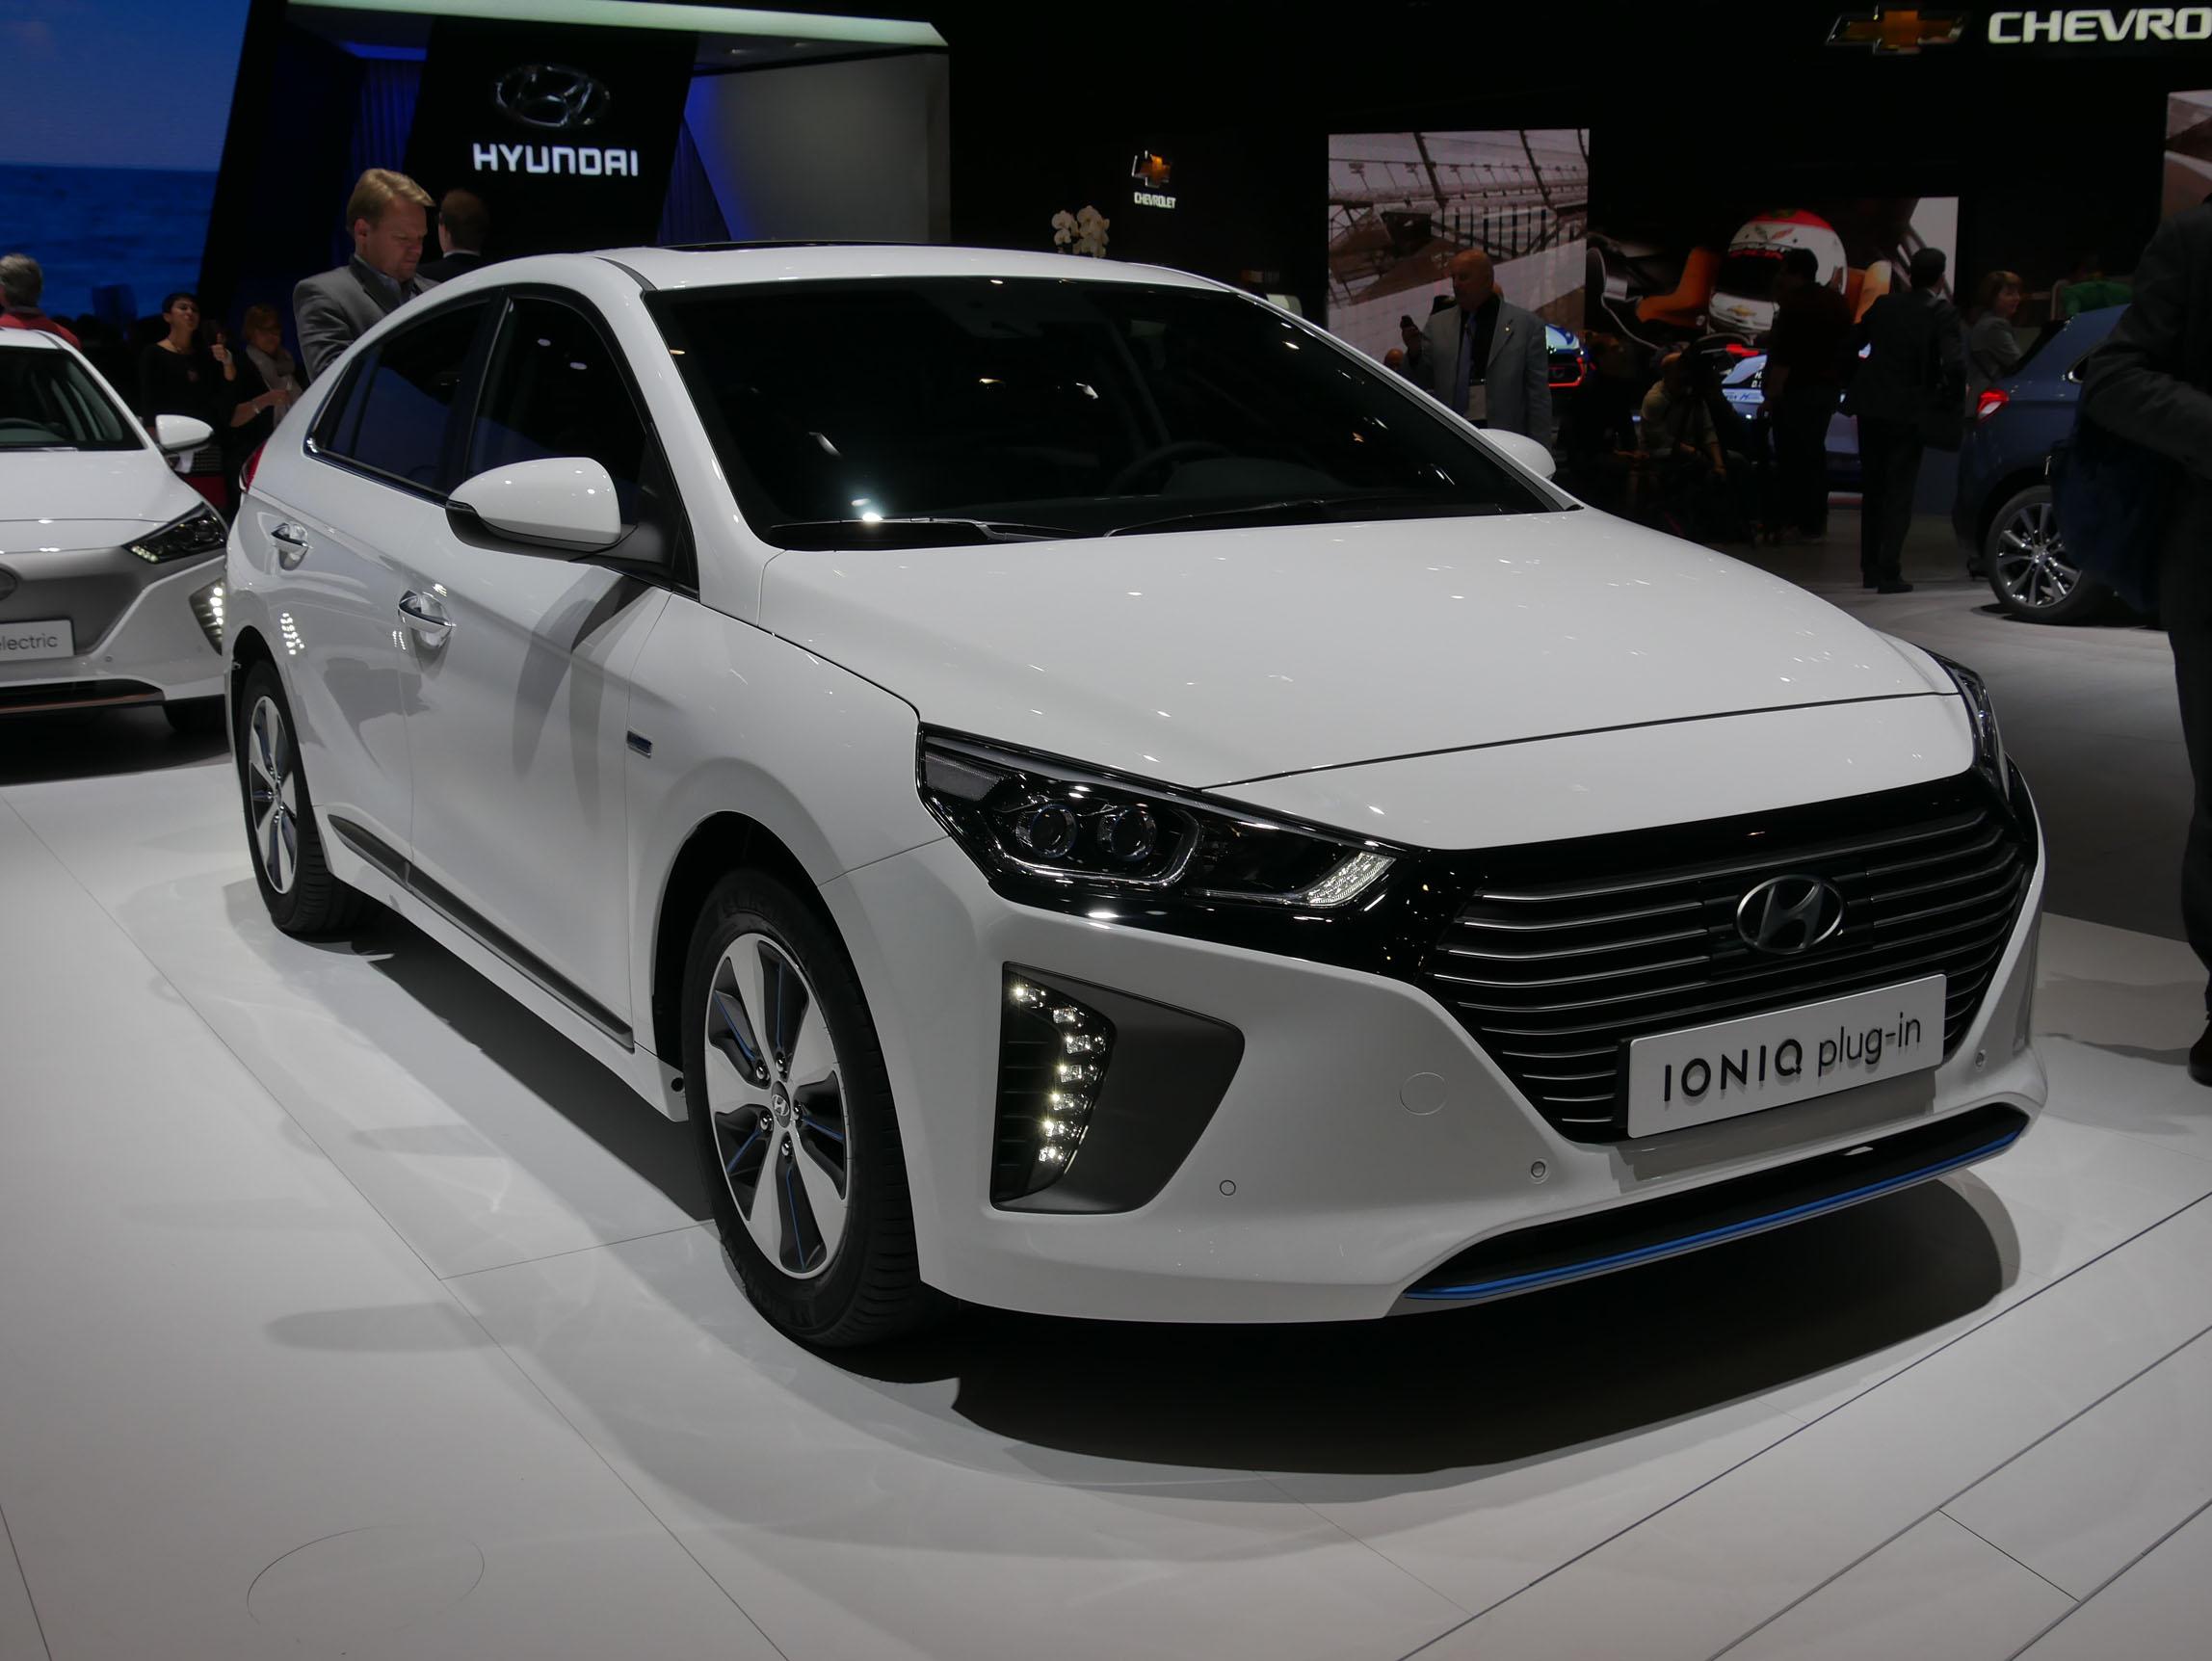 Salon de Genève 2017 : Hyundai Ioniq plug-in à la loupe